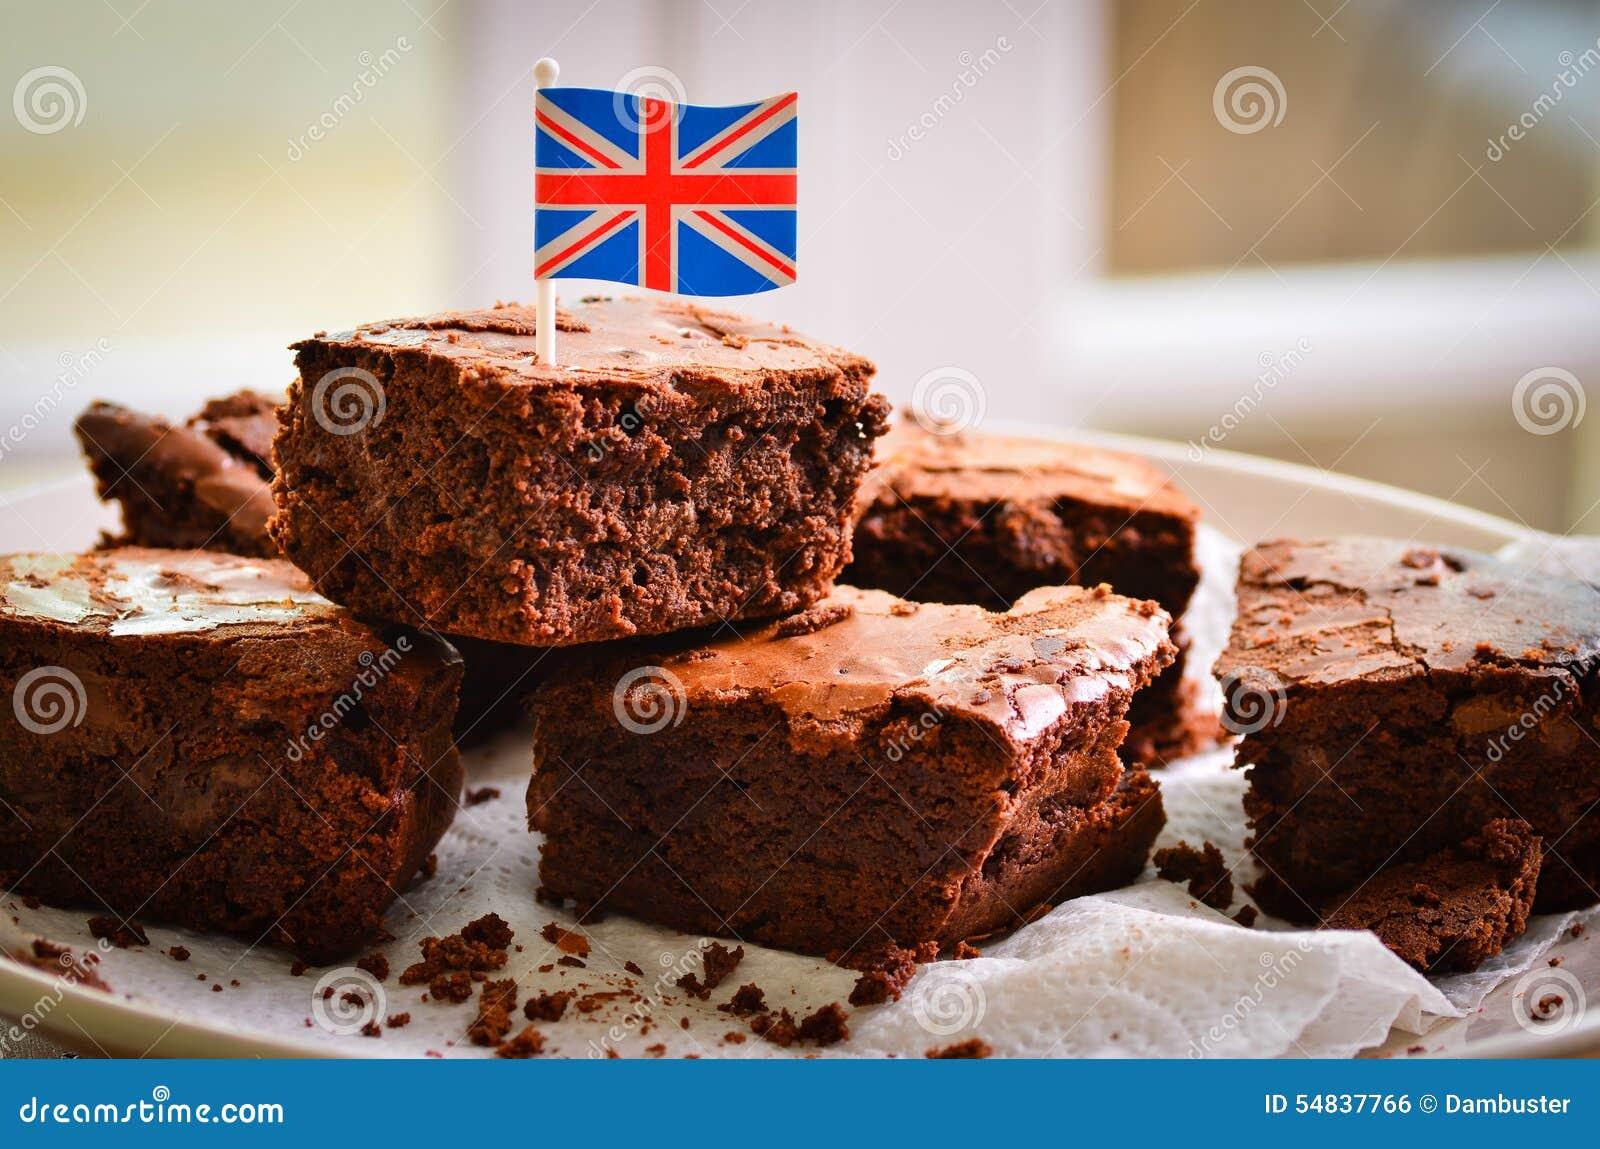 British Chocolate Brownies Stock Photo - Image: 54837766